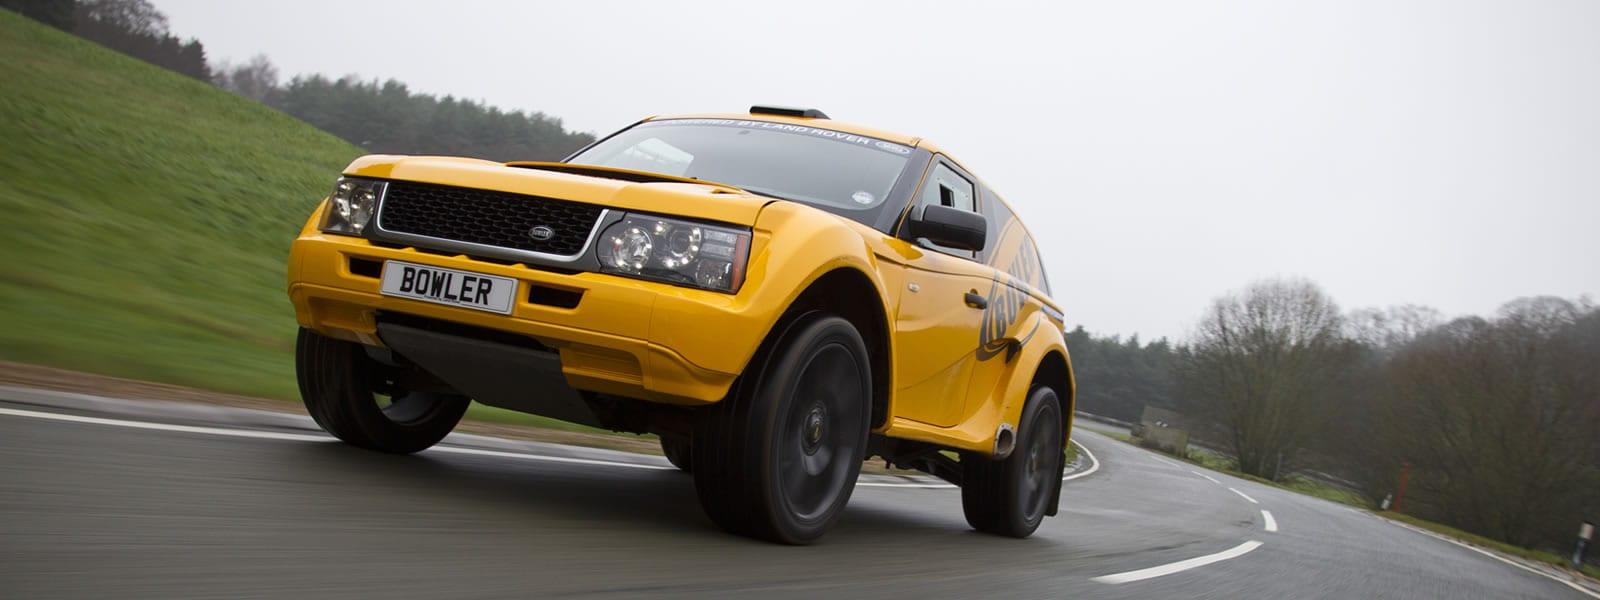 exr-s - Bowler Motorsport